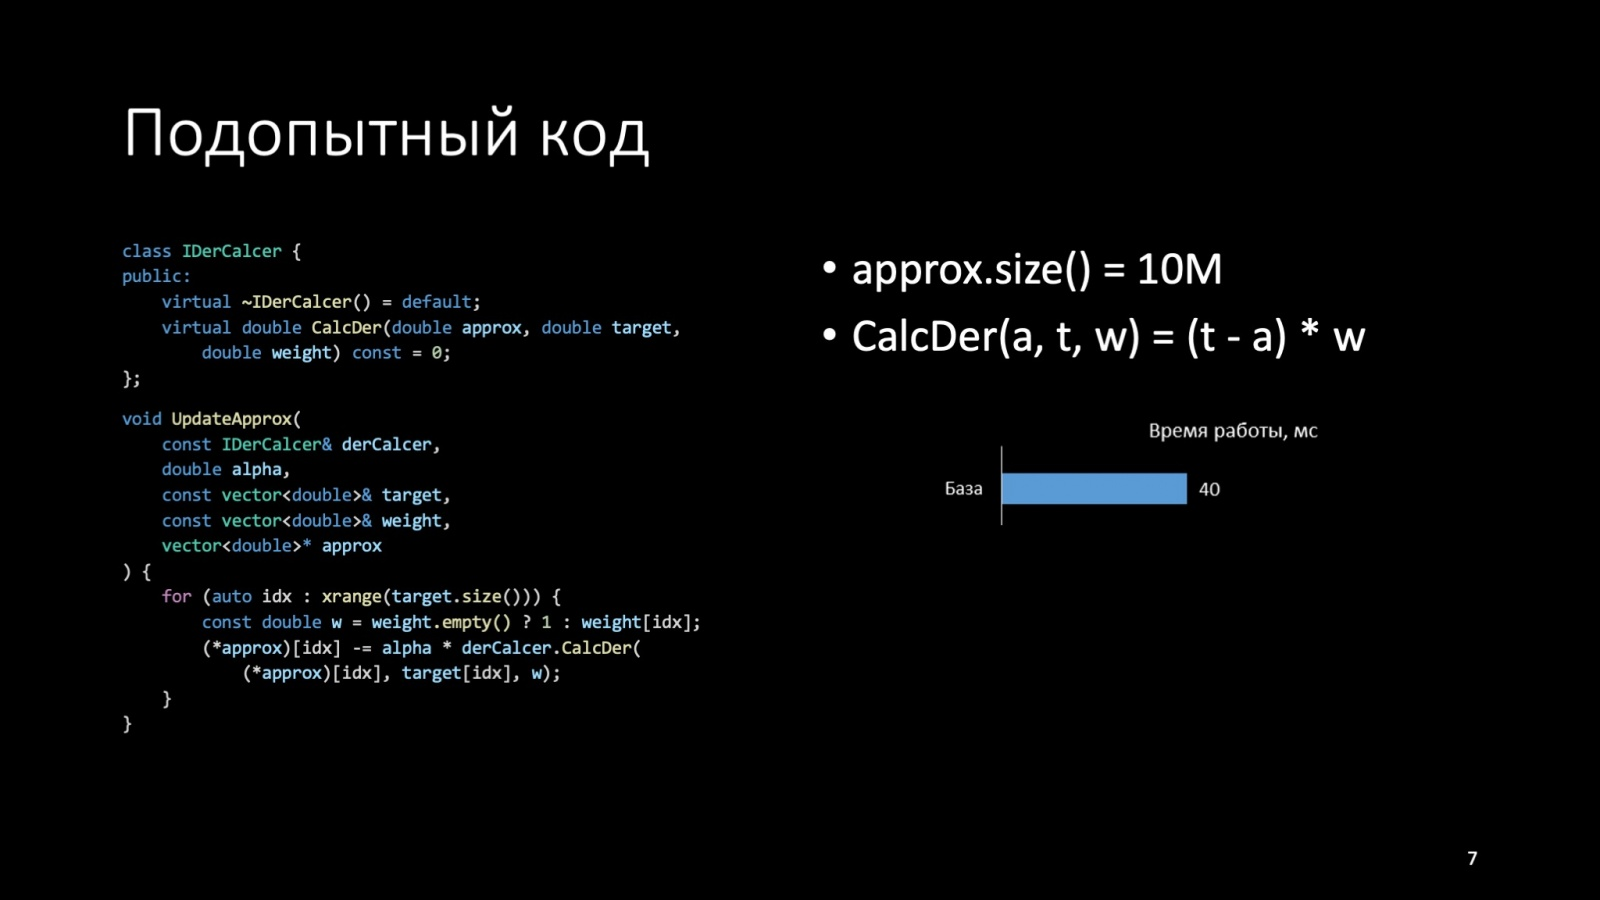 Оптимизация C++: совмещаем скорость и высокий уровень. Доклад Яндекса - 7